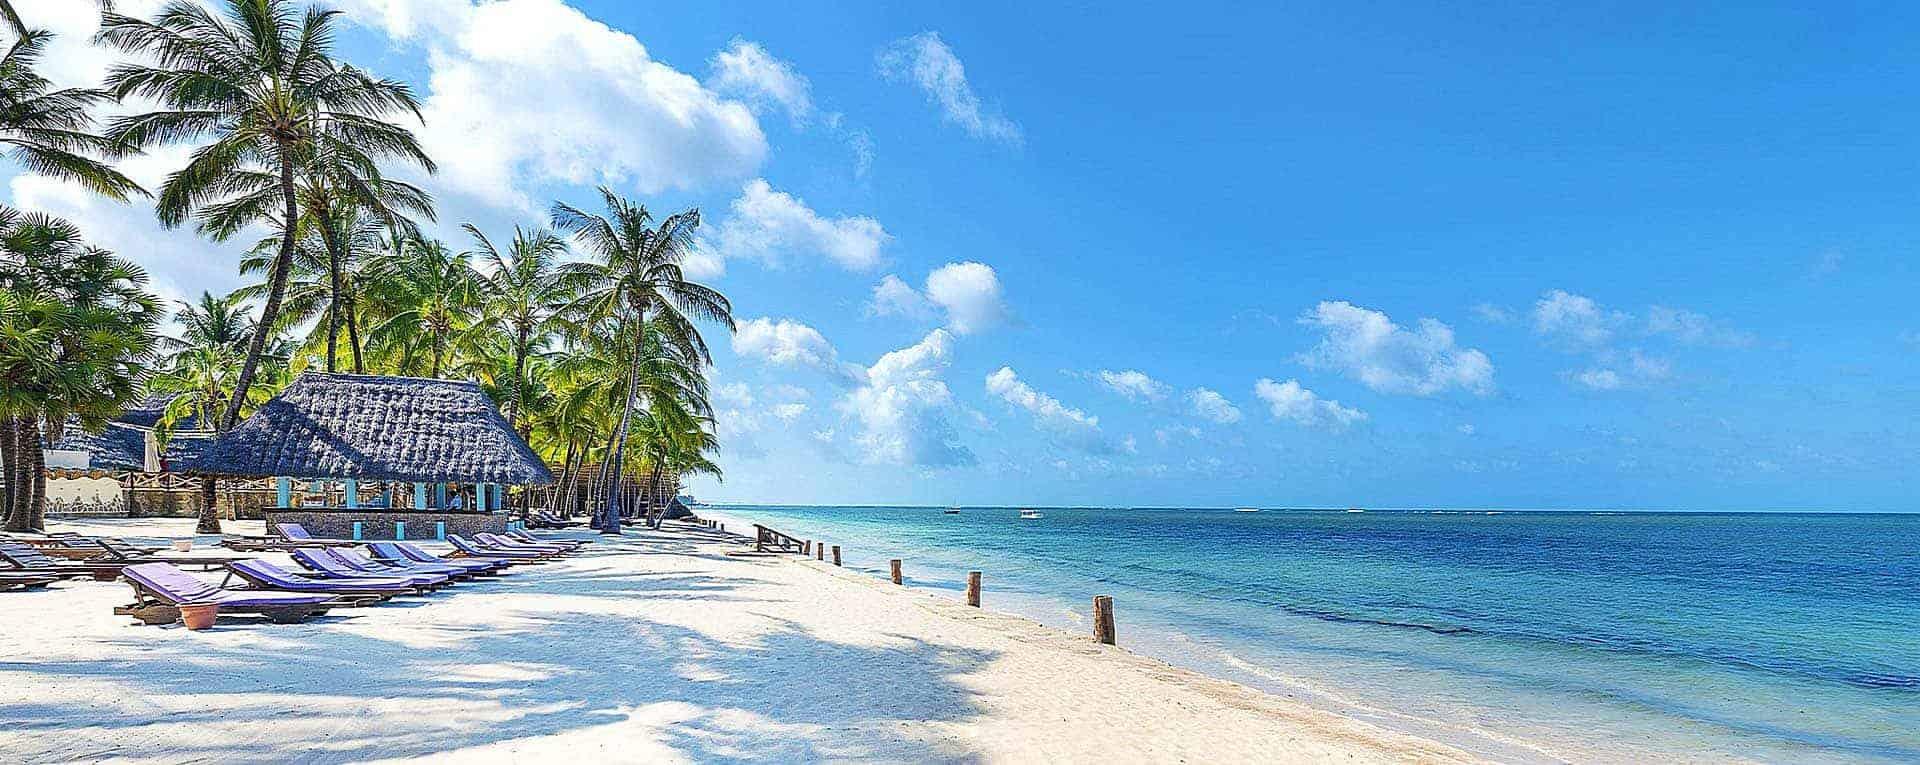 Best Beach Places In Ecuador